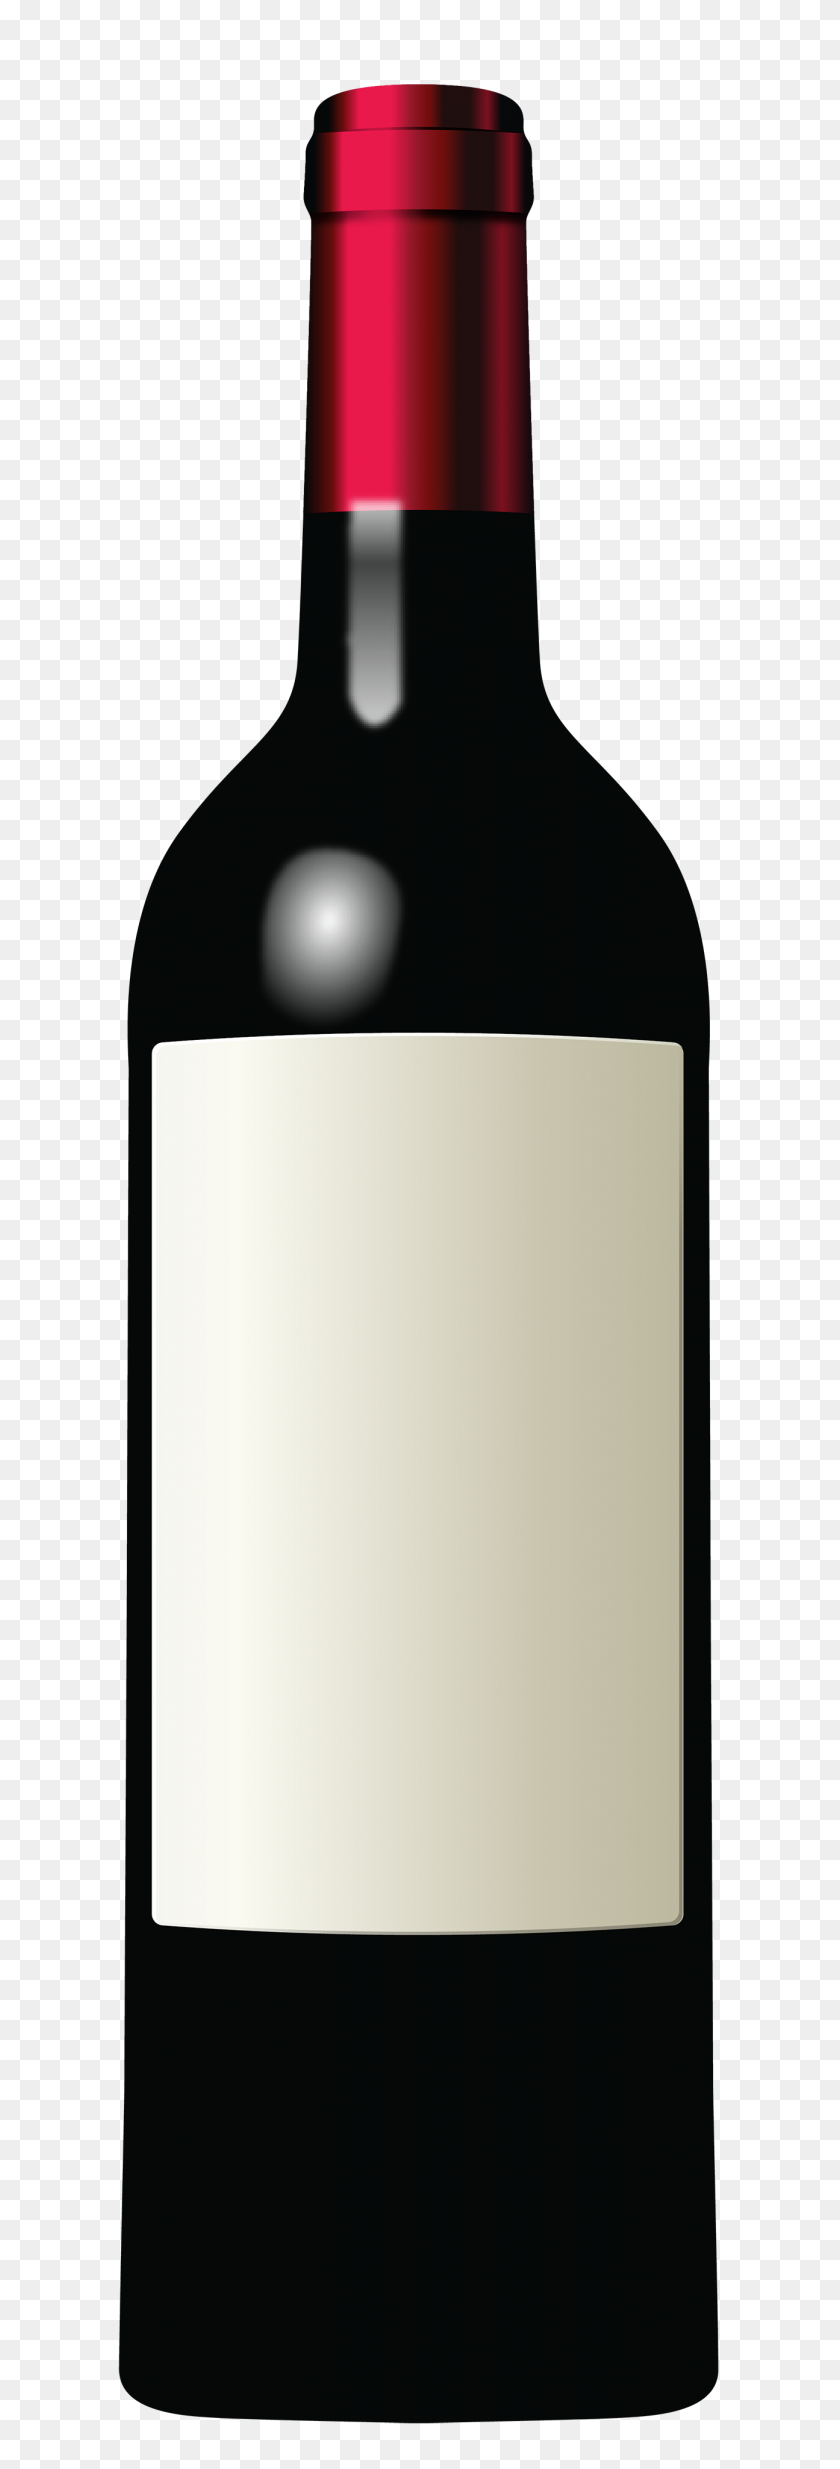 Plastic Bottles Png Transparent Images - Milk Jug PNG